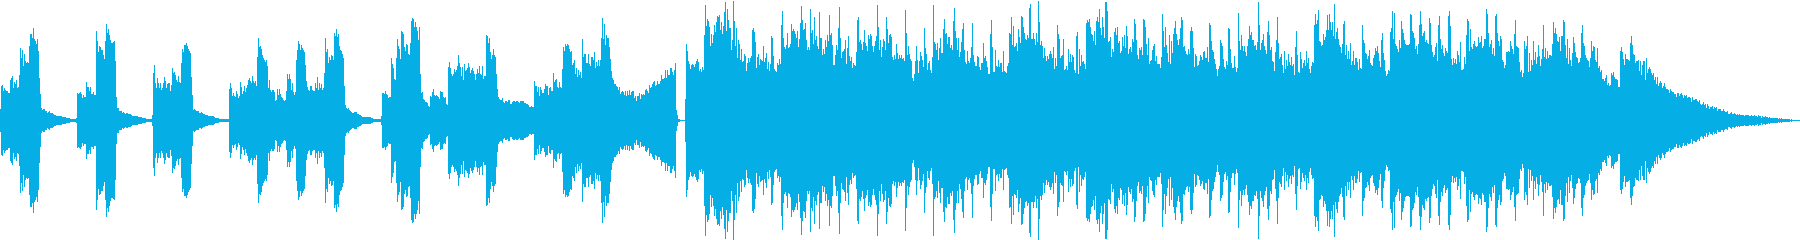 クールなアコギ30秒CMの再生済みの波形